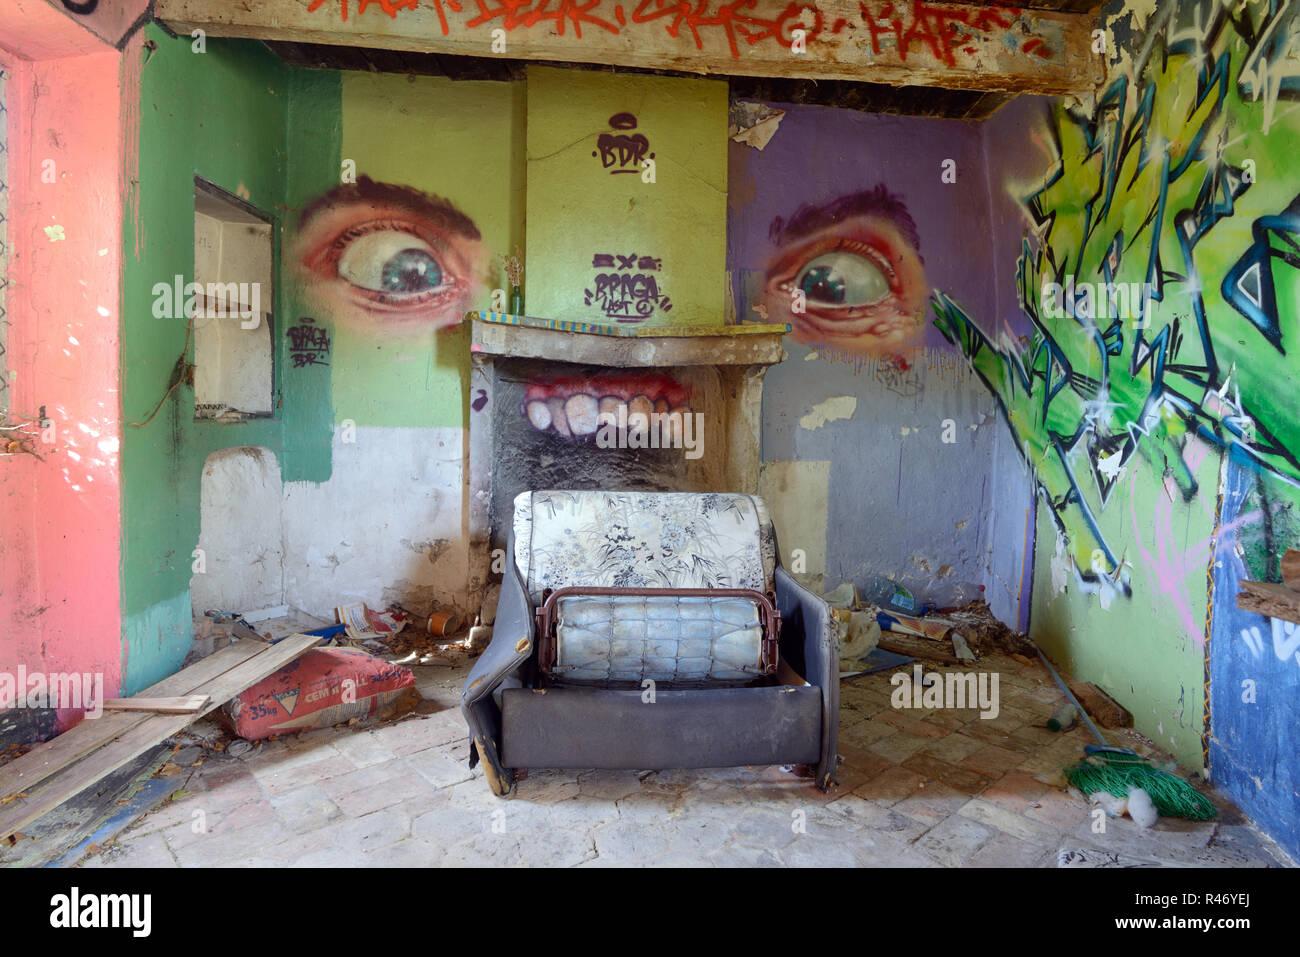 Graffiti an den Wänden ist Müll übersäte Böden und gebrochene Sofa in die Hocke, Interieur des verlassenen Haus Frankreich Stockbild